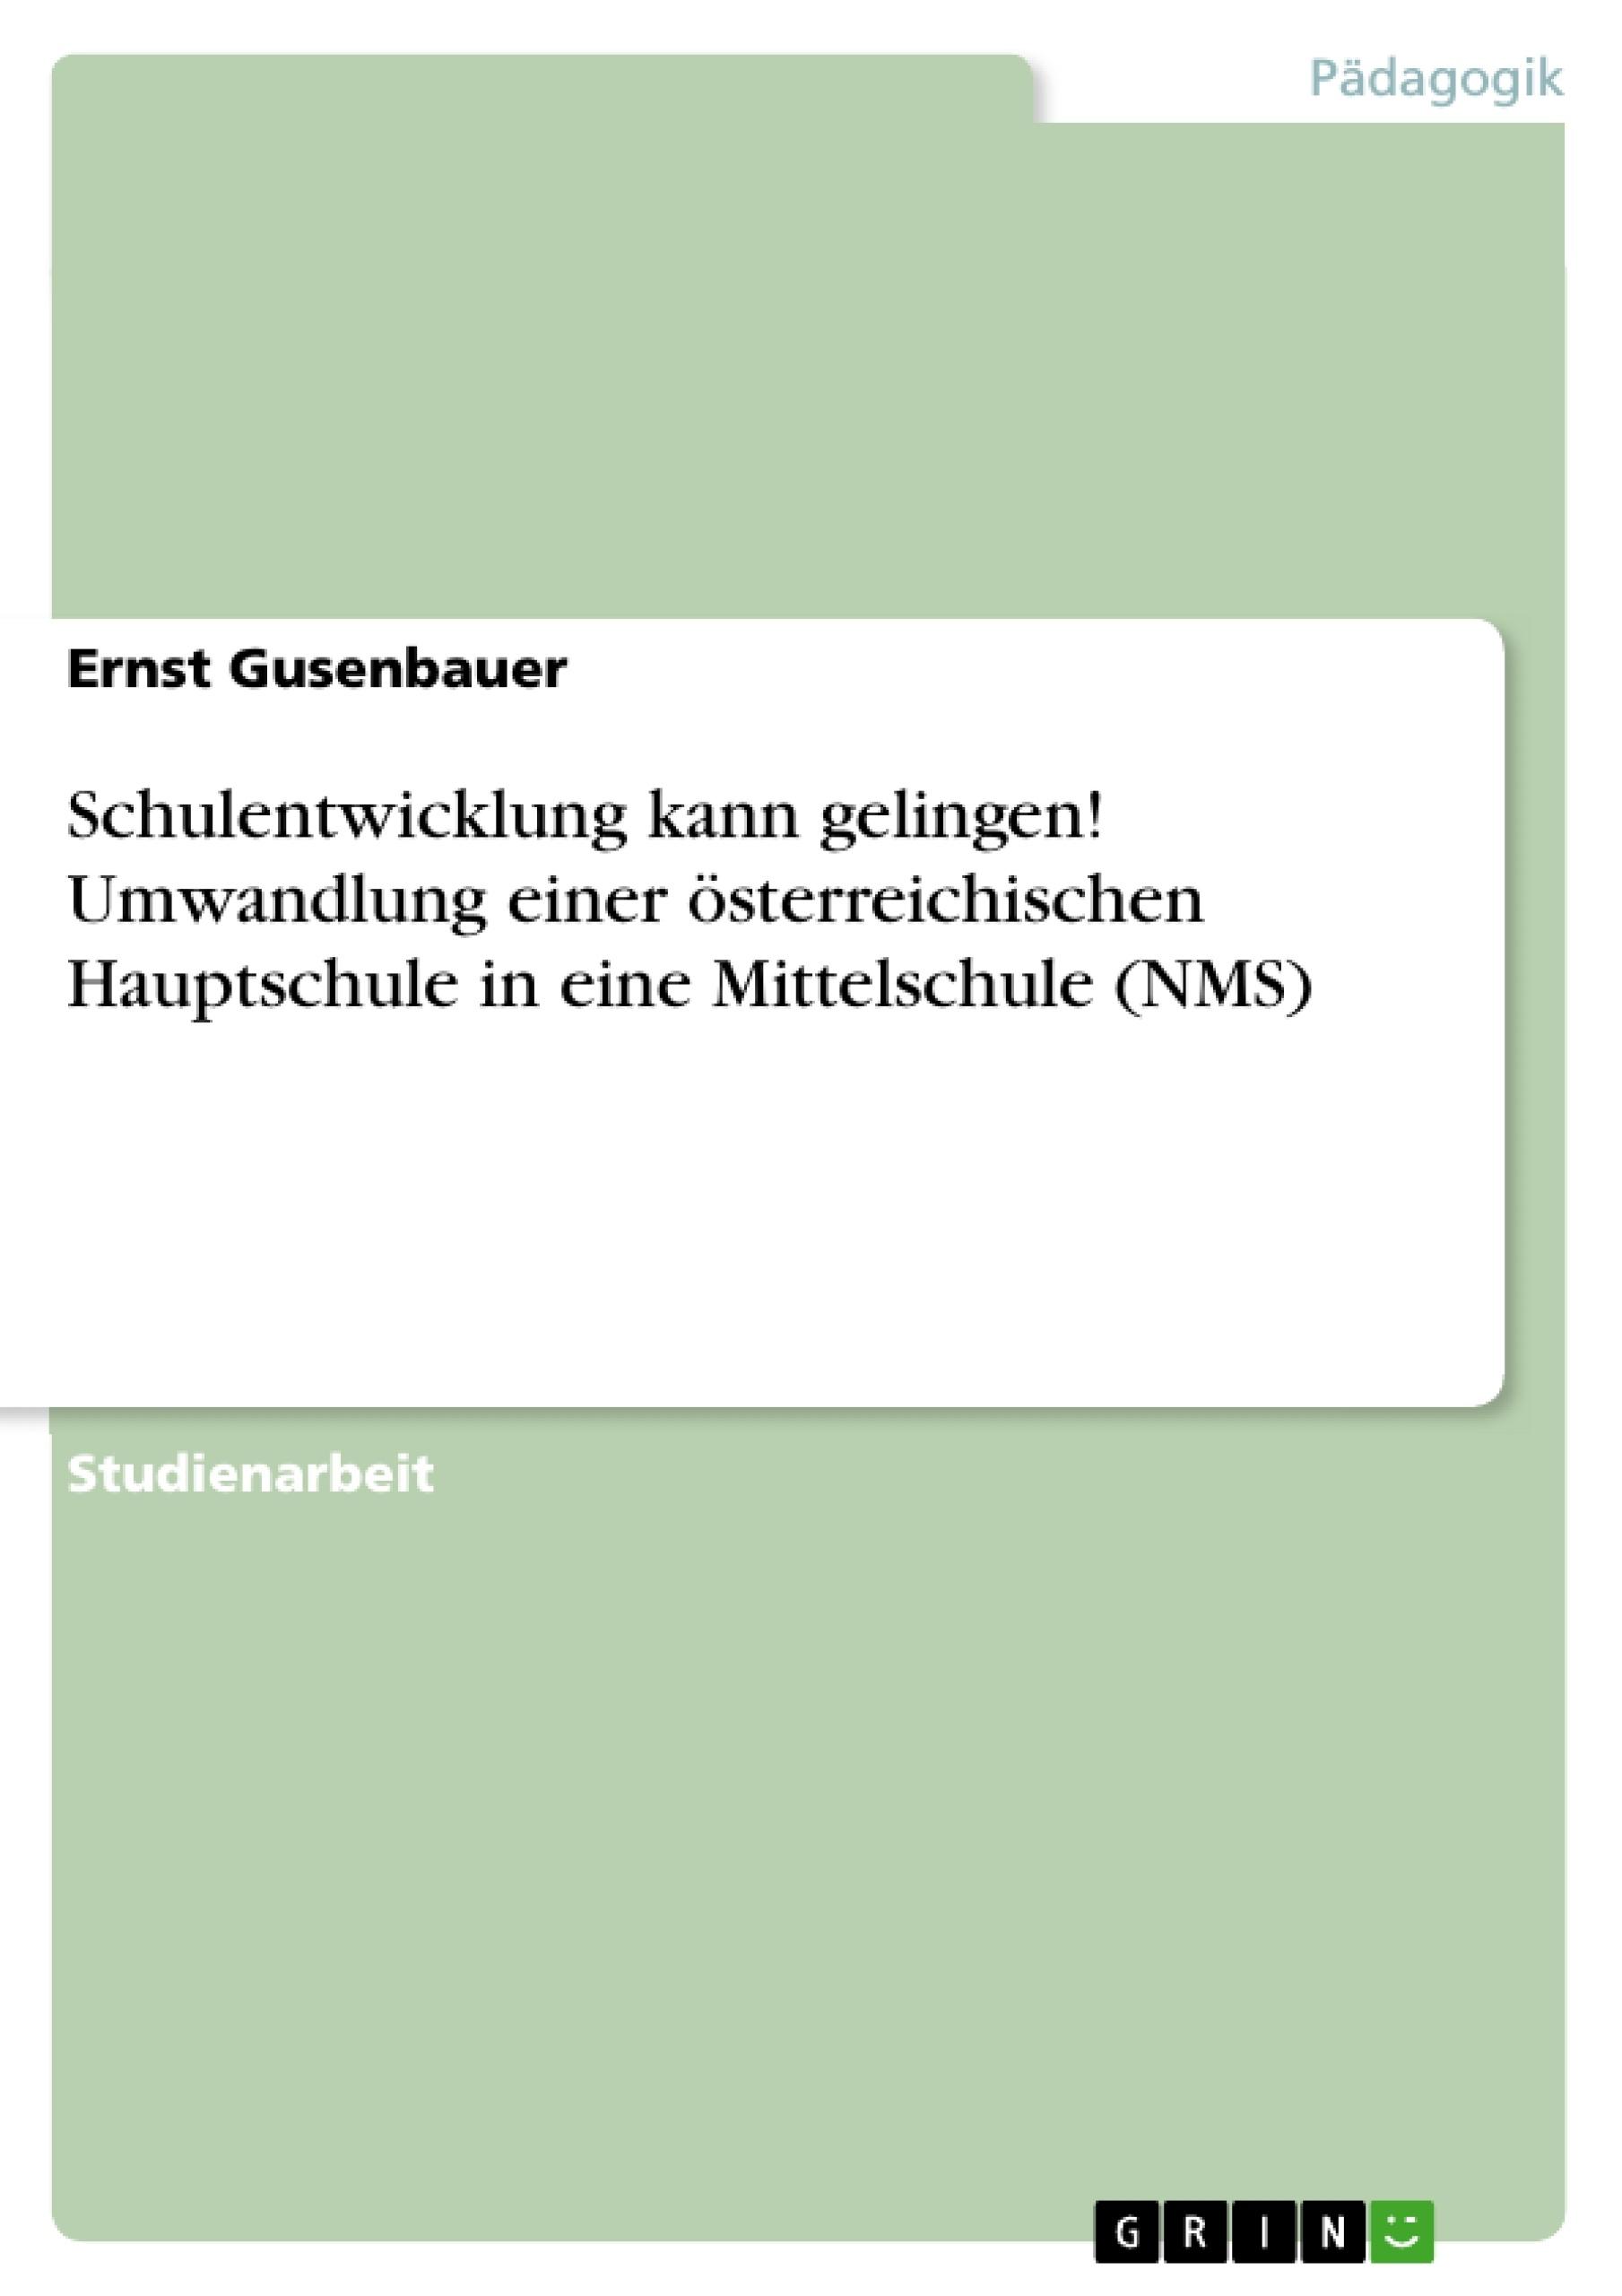 Titel: Schulentwicklung kann gelingen! Umwandlung einer österreichischen Hauptschule in eine Mittelschule (NMS)